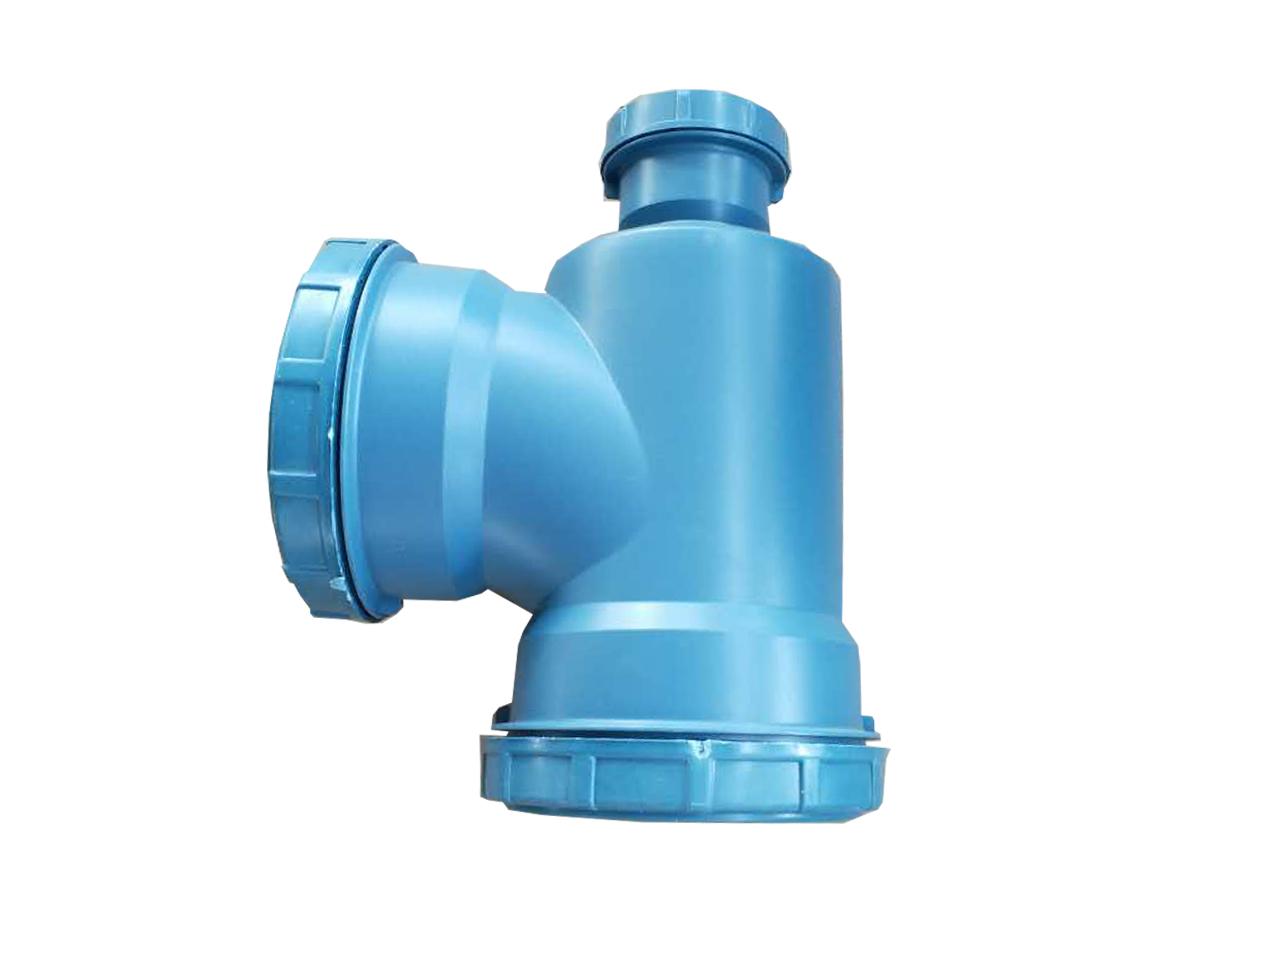 性价比高的聚丙烯静音排水管价格|3s聚丙烯高温静音管批发